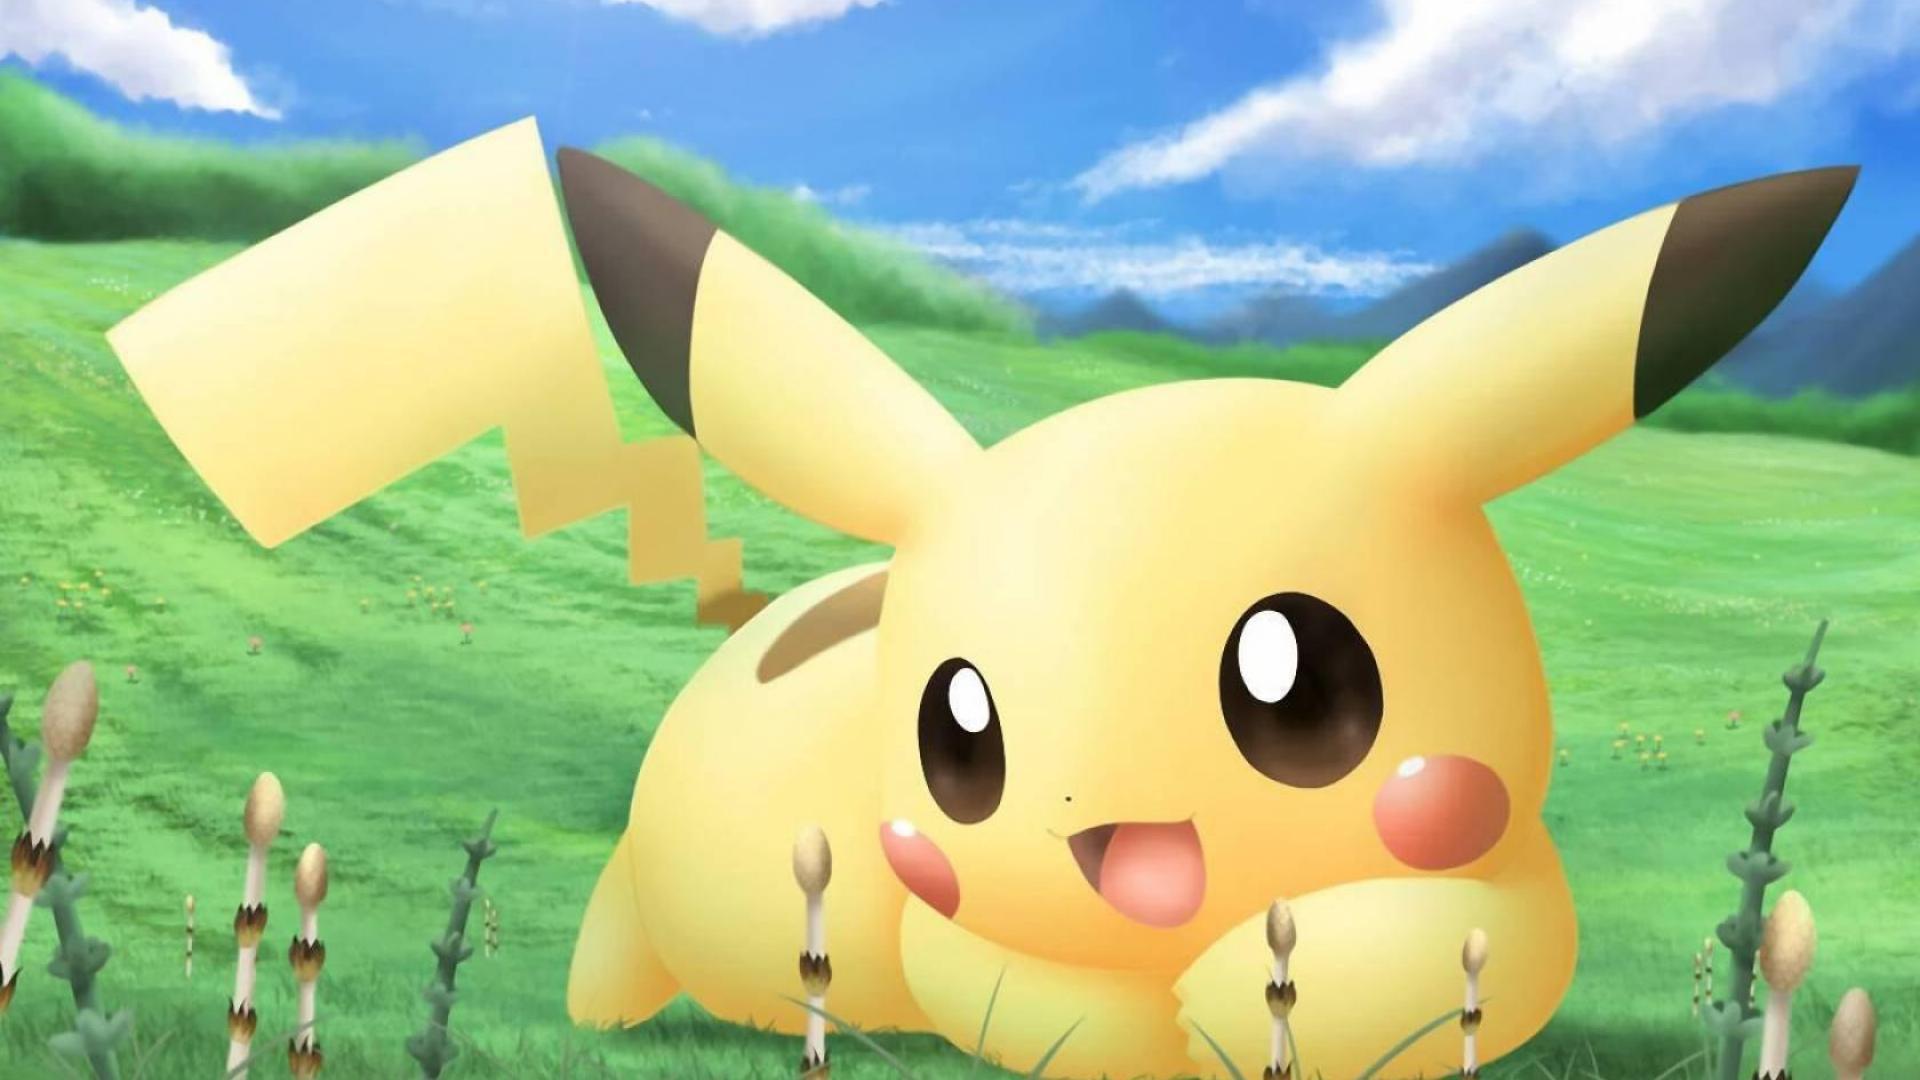 1920x1080 Hình nền Pikachu dễ thương HD